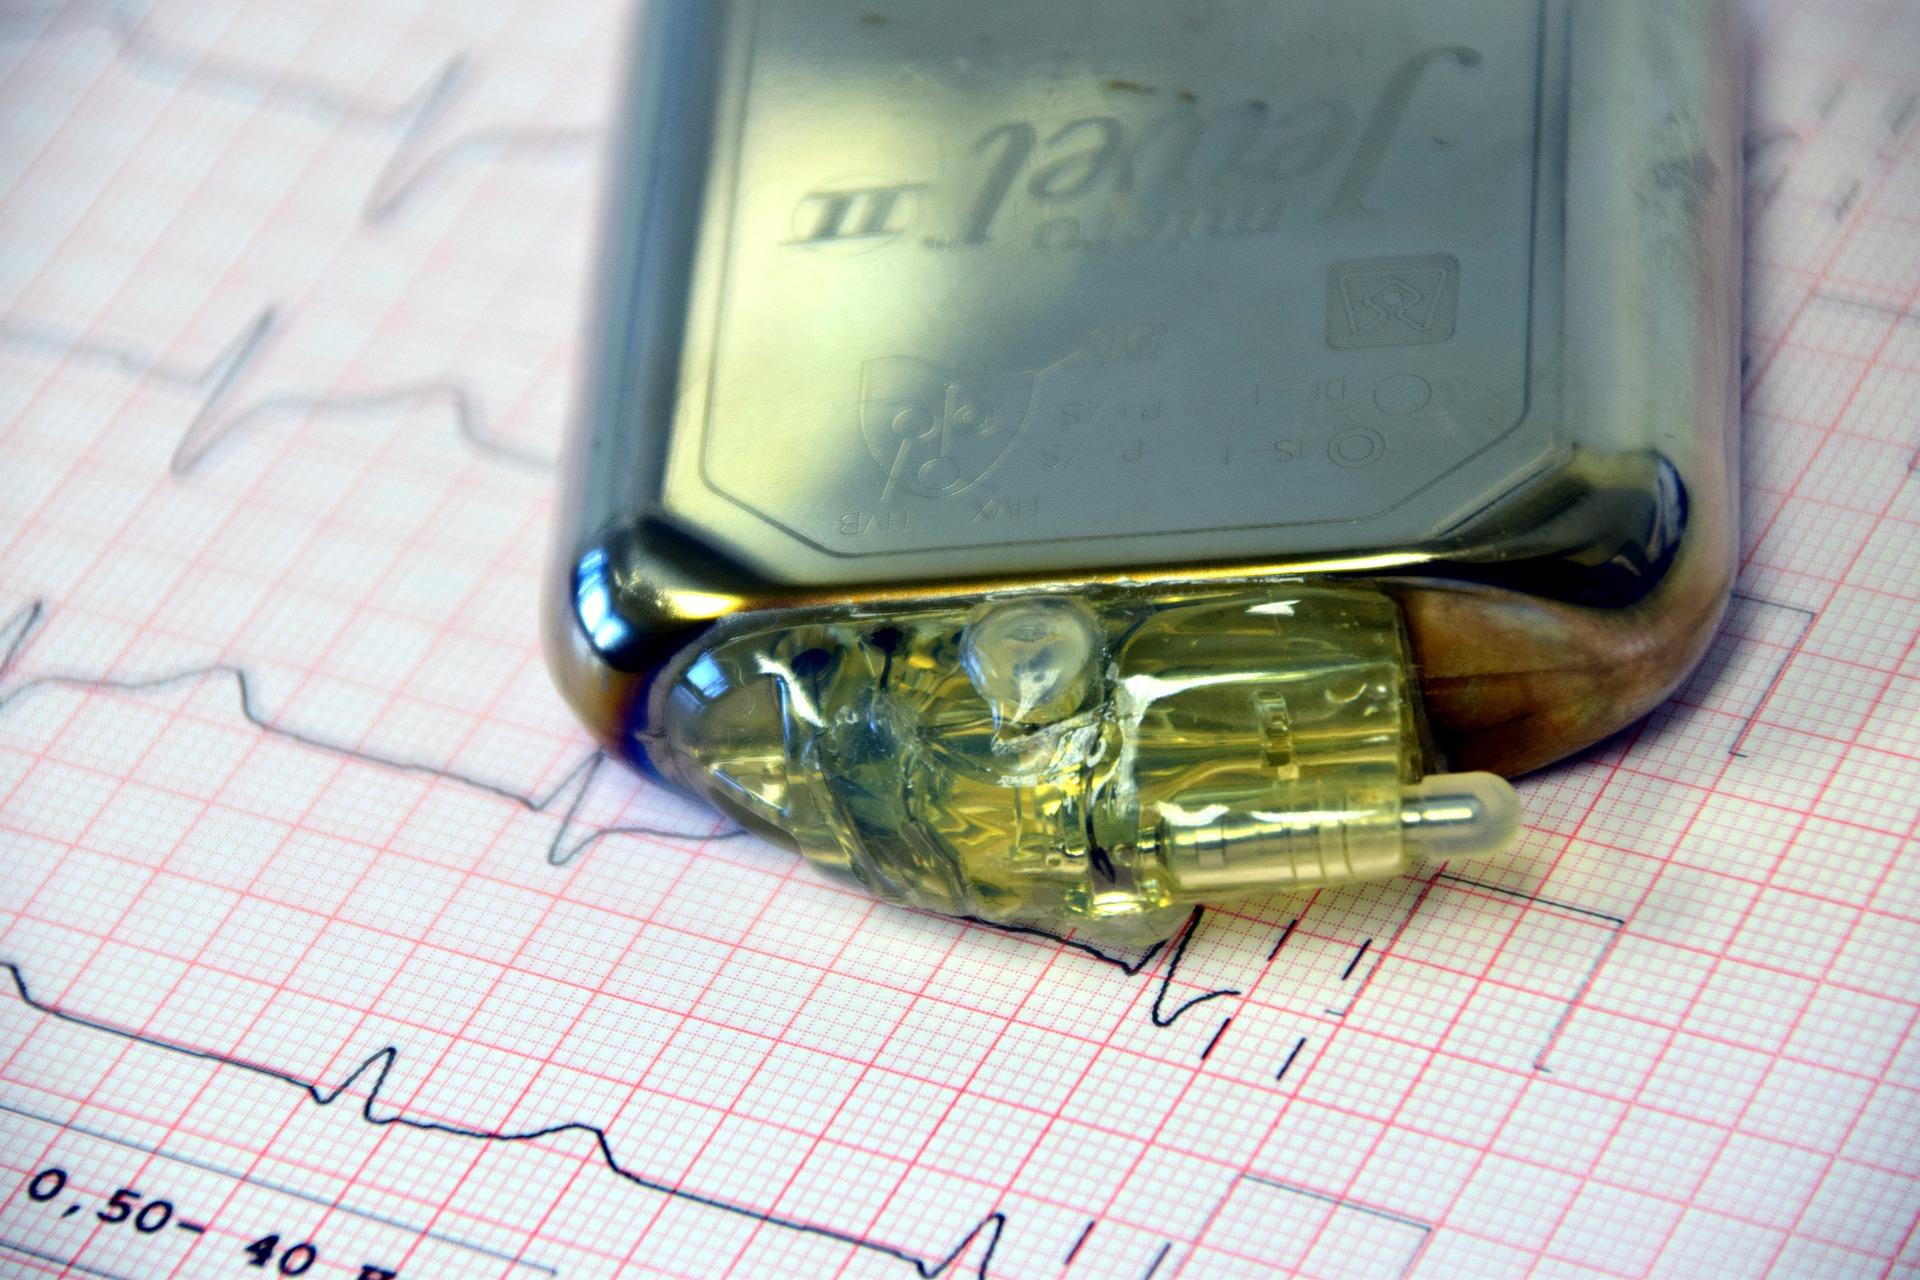 Ein Herzschrittmacher ist ein medizinisches Gerät zur elektrischen Stimulation des Herzmuskels bei einer Bradykardie. Er besteht aus einem Generator und im Herzen verankerten Sonden.